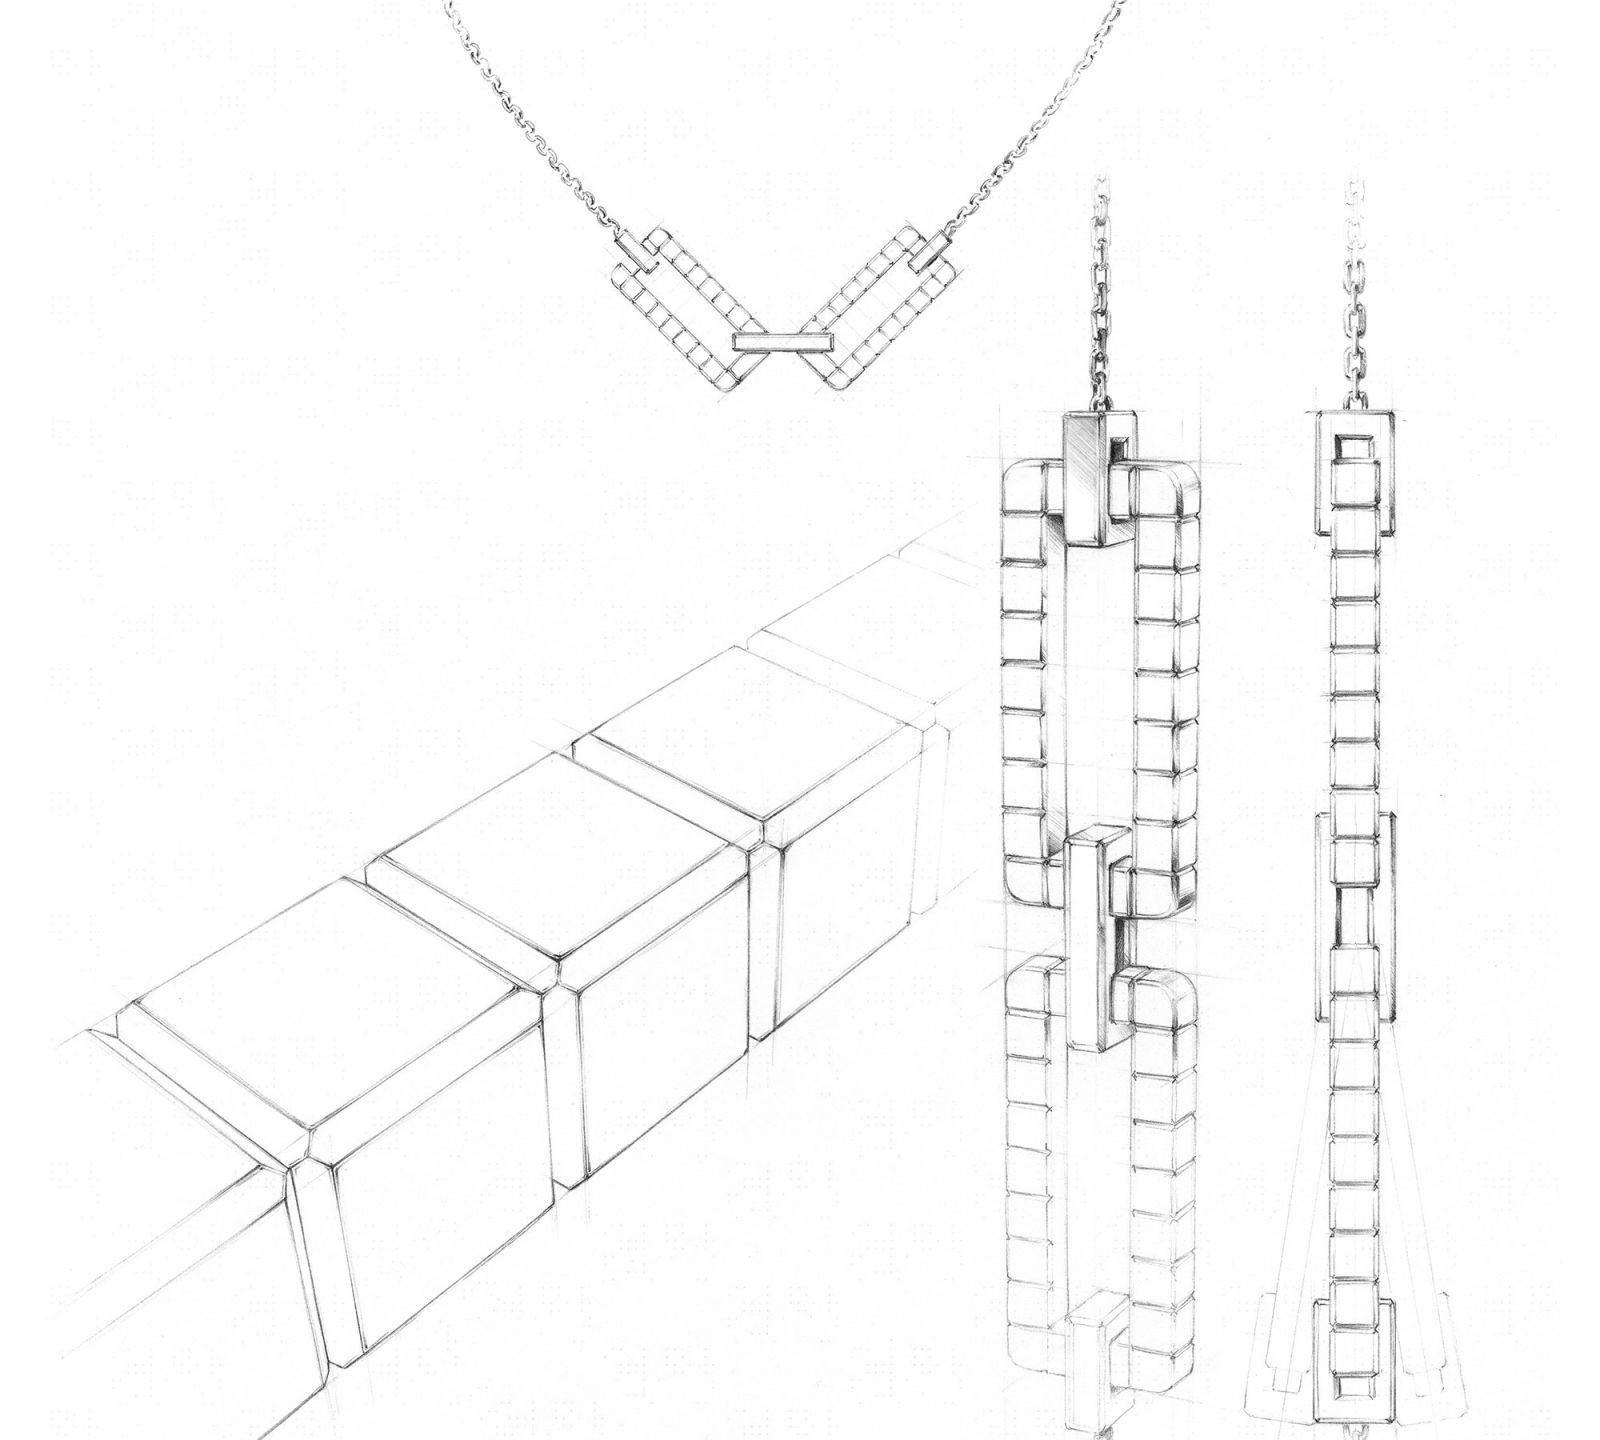 1491569536-syn-mar-1491563928-rihanna-chopard-sketches